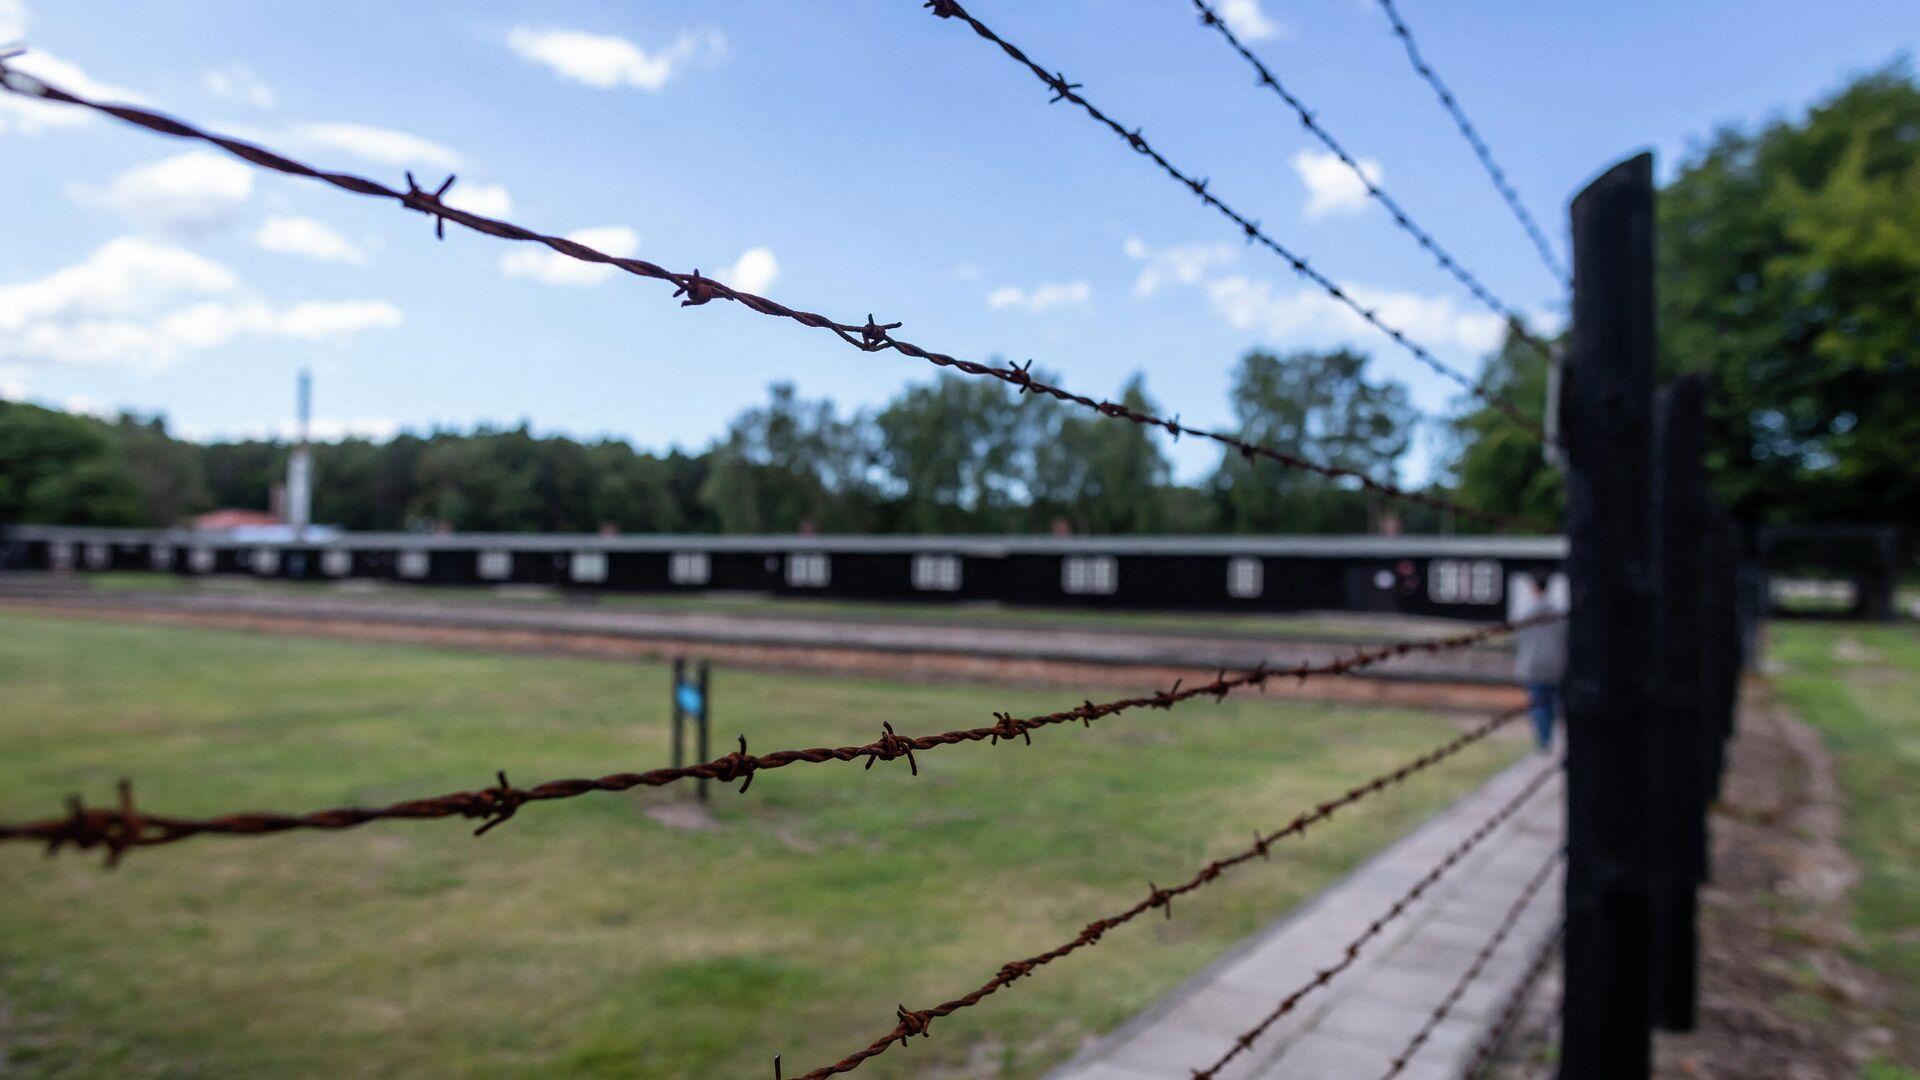 Το στρατόπεδο συγκέντρωσης στο Στούτχοφ της Πολωνίας, όπου εργαζόταν ως γραμματέας η 96χρονη. - Sputnik Ελλάδα, 1920, 30.09.2021